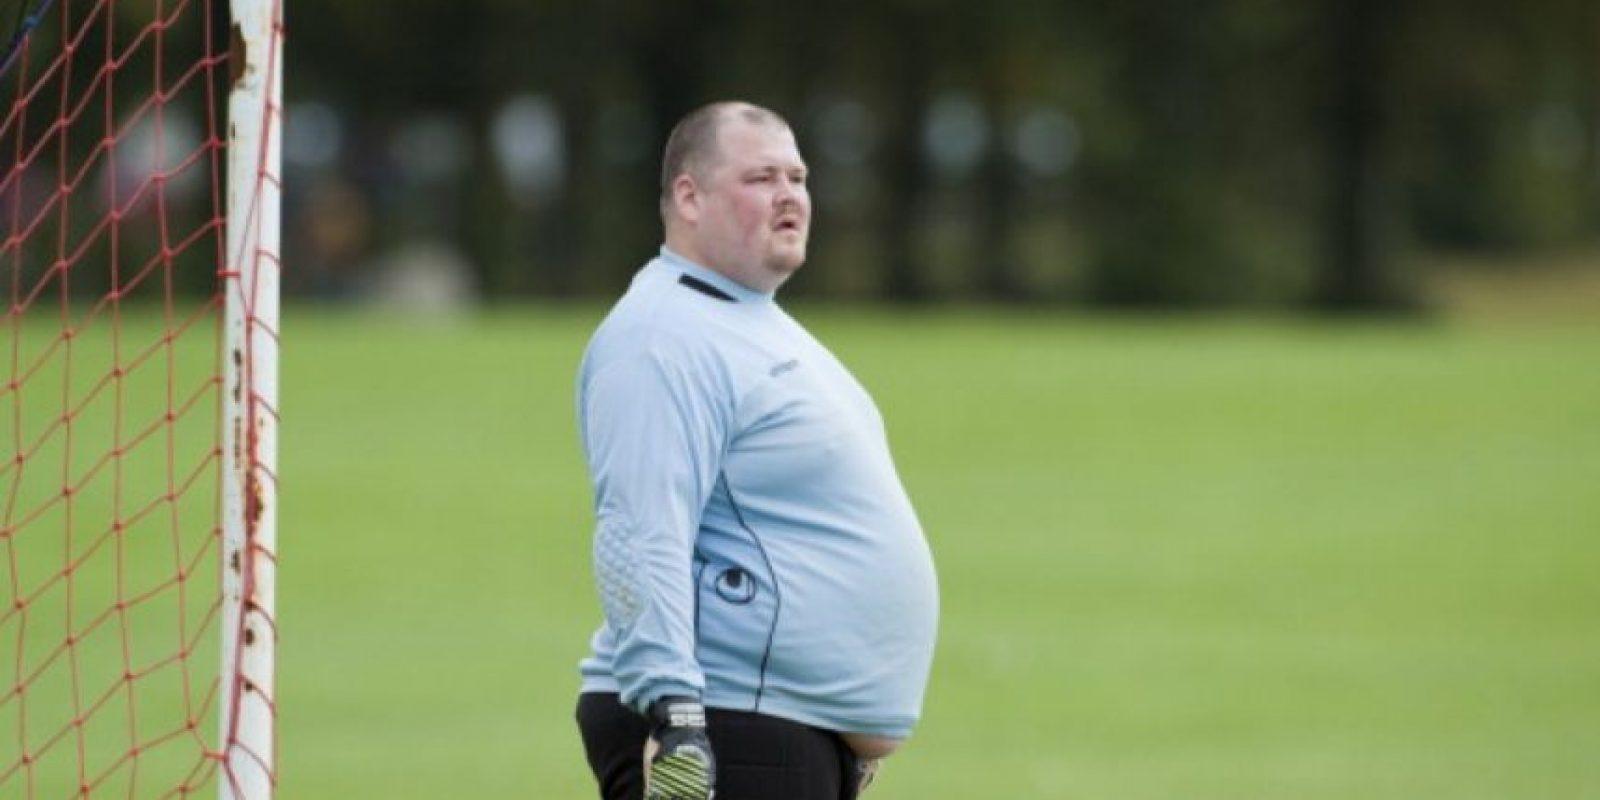 Solo pueden disputarla futbolistas que tengan un índice de masa corporal superior a 30. Foto:Getty Images